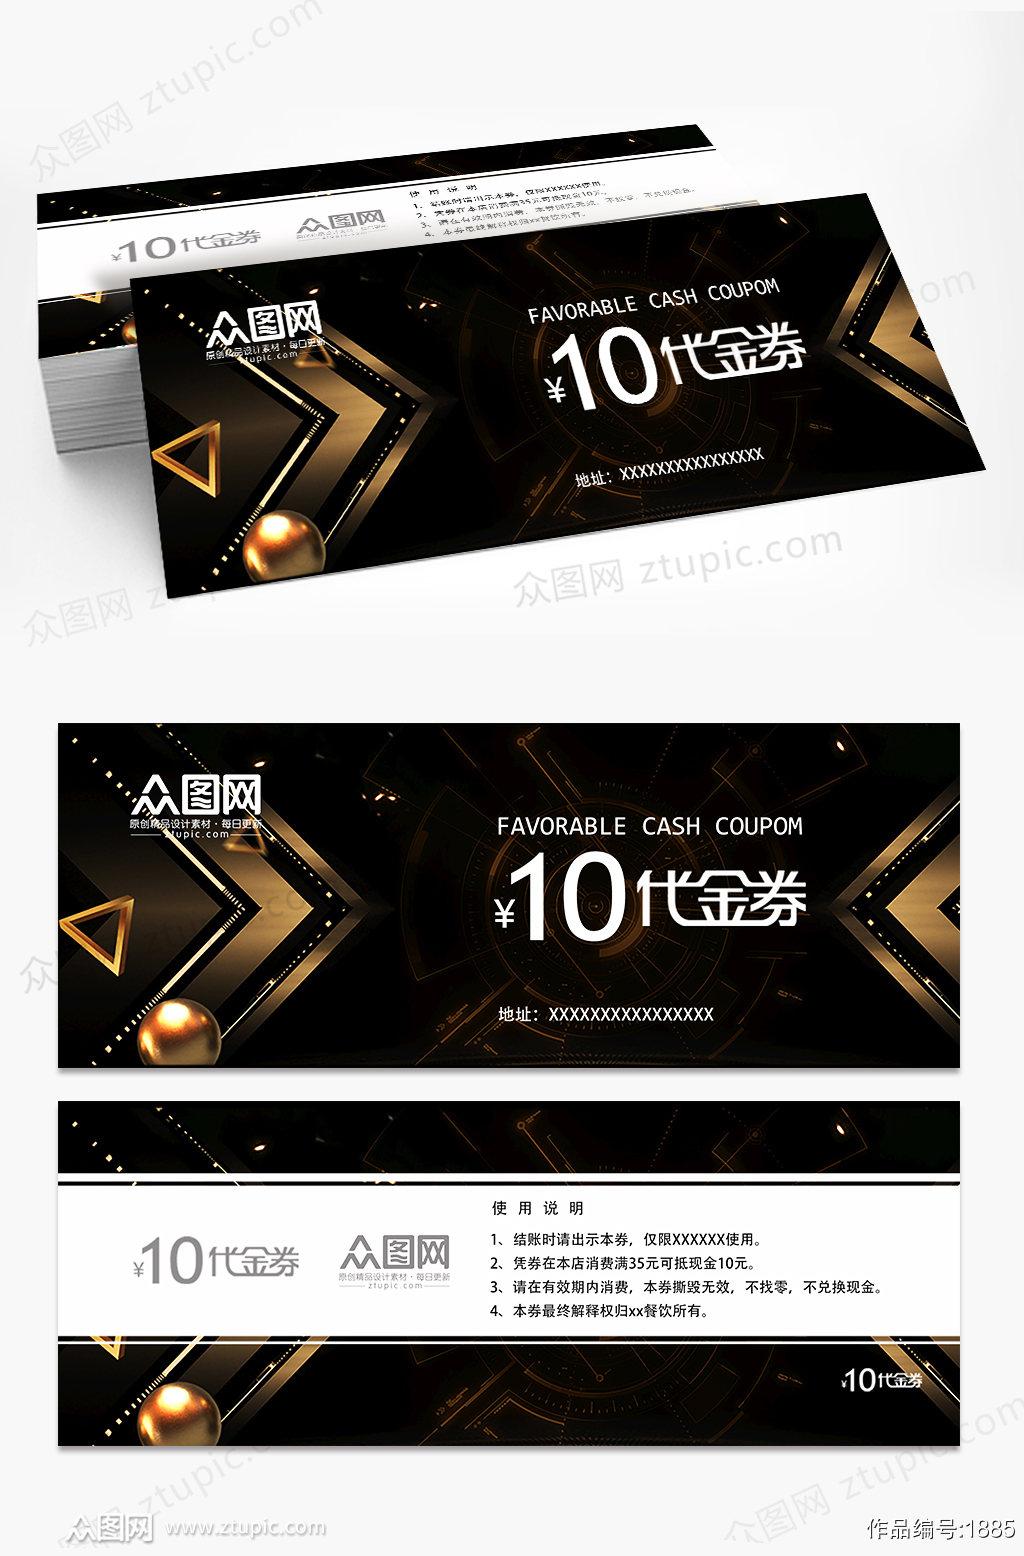 黑金高档大气通用现金券代金券企业优惠券设计模板素材